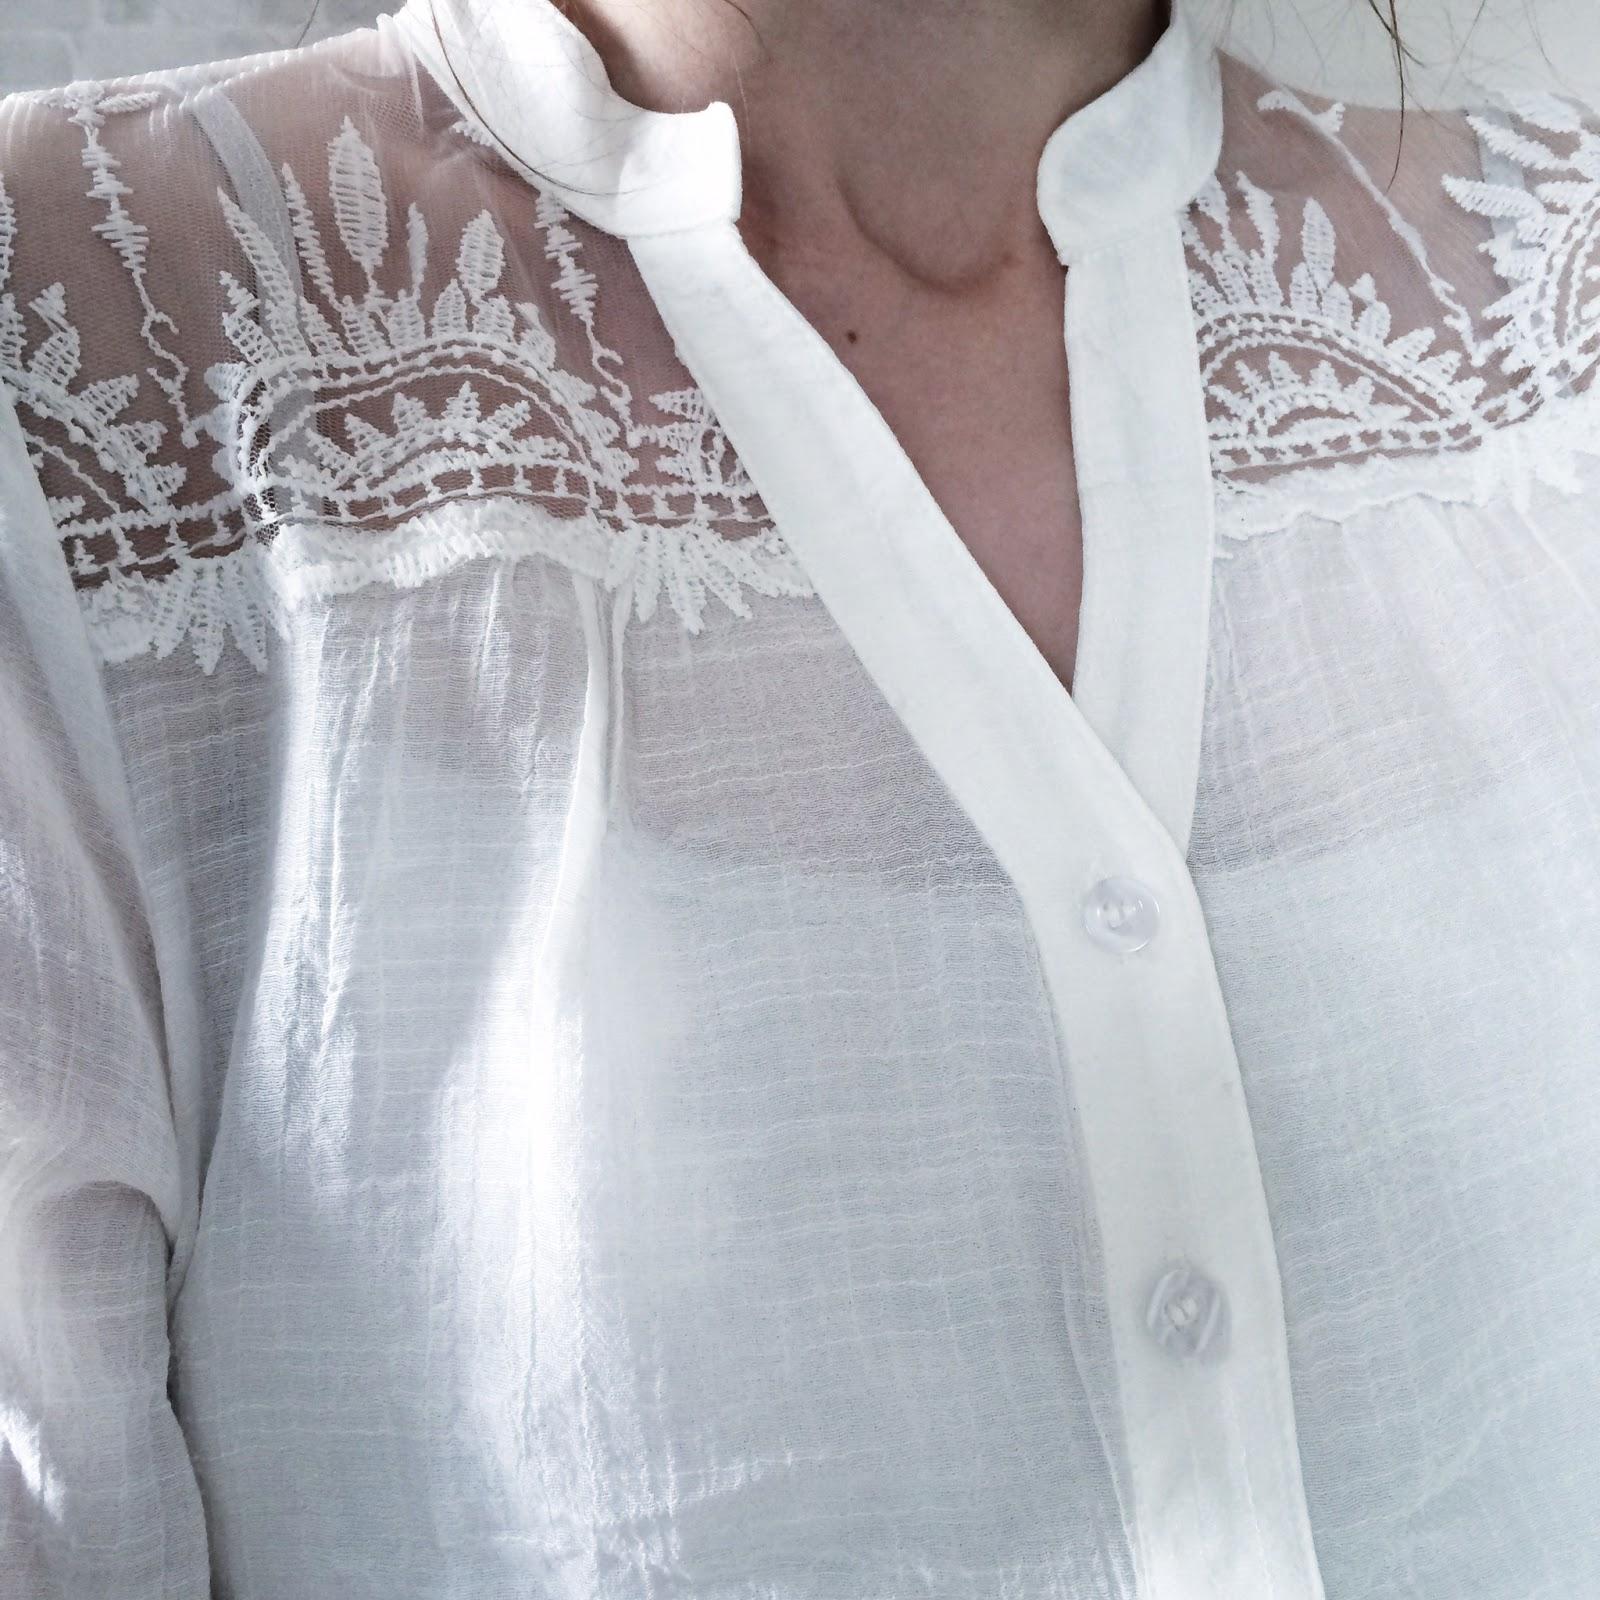 TK maxx white shirt